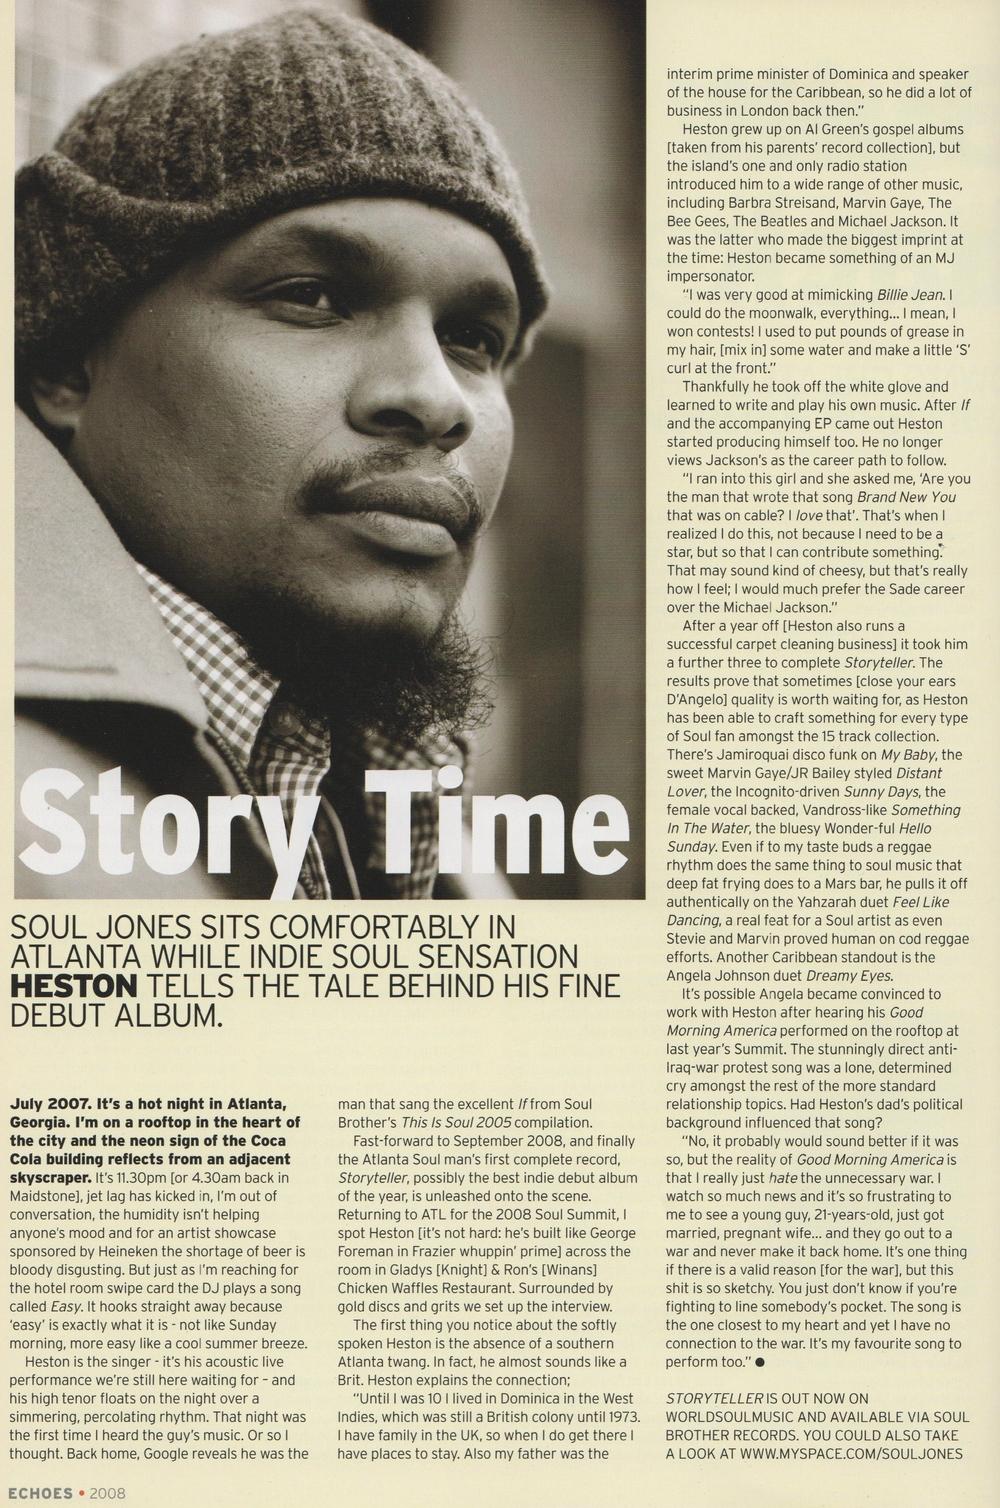 Echoes Magazine Nov 2008